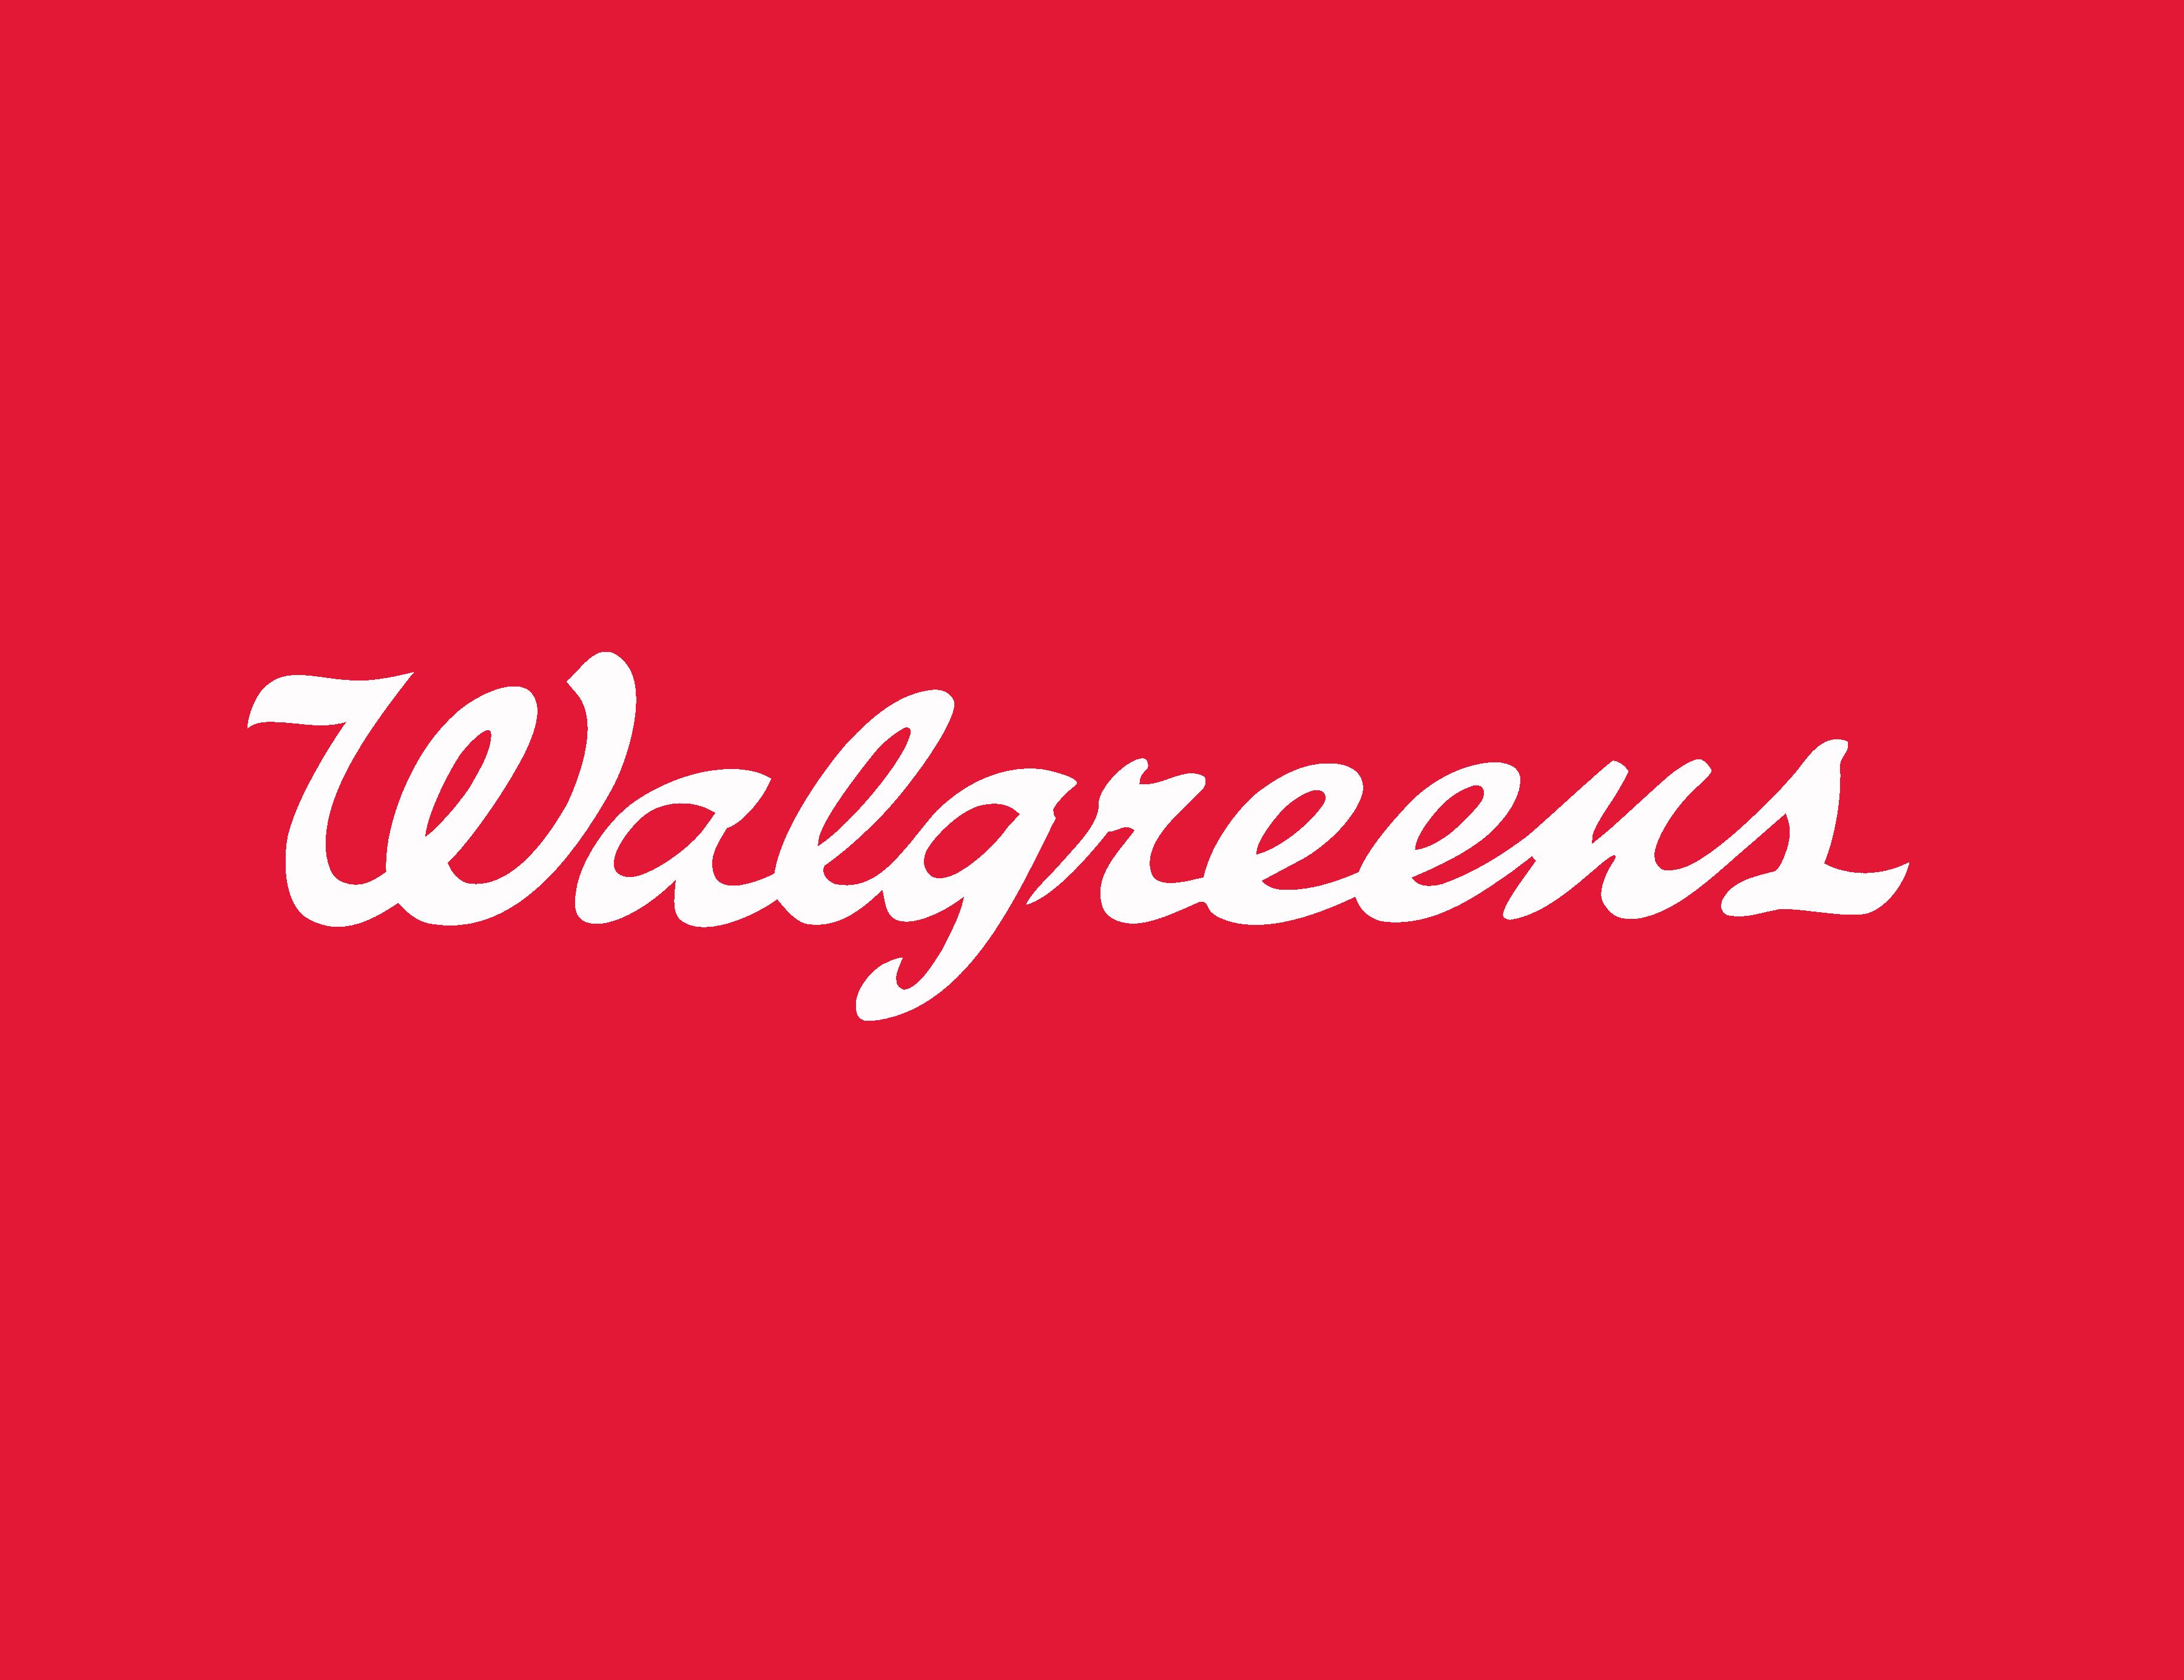 White Handwritten Retail Logo Design